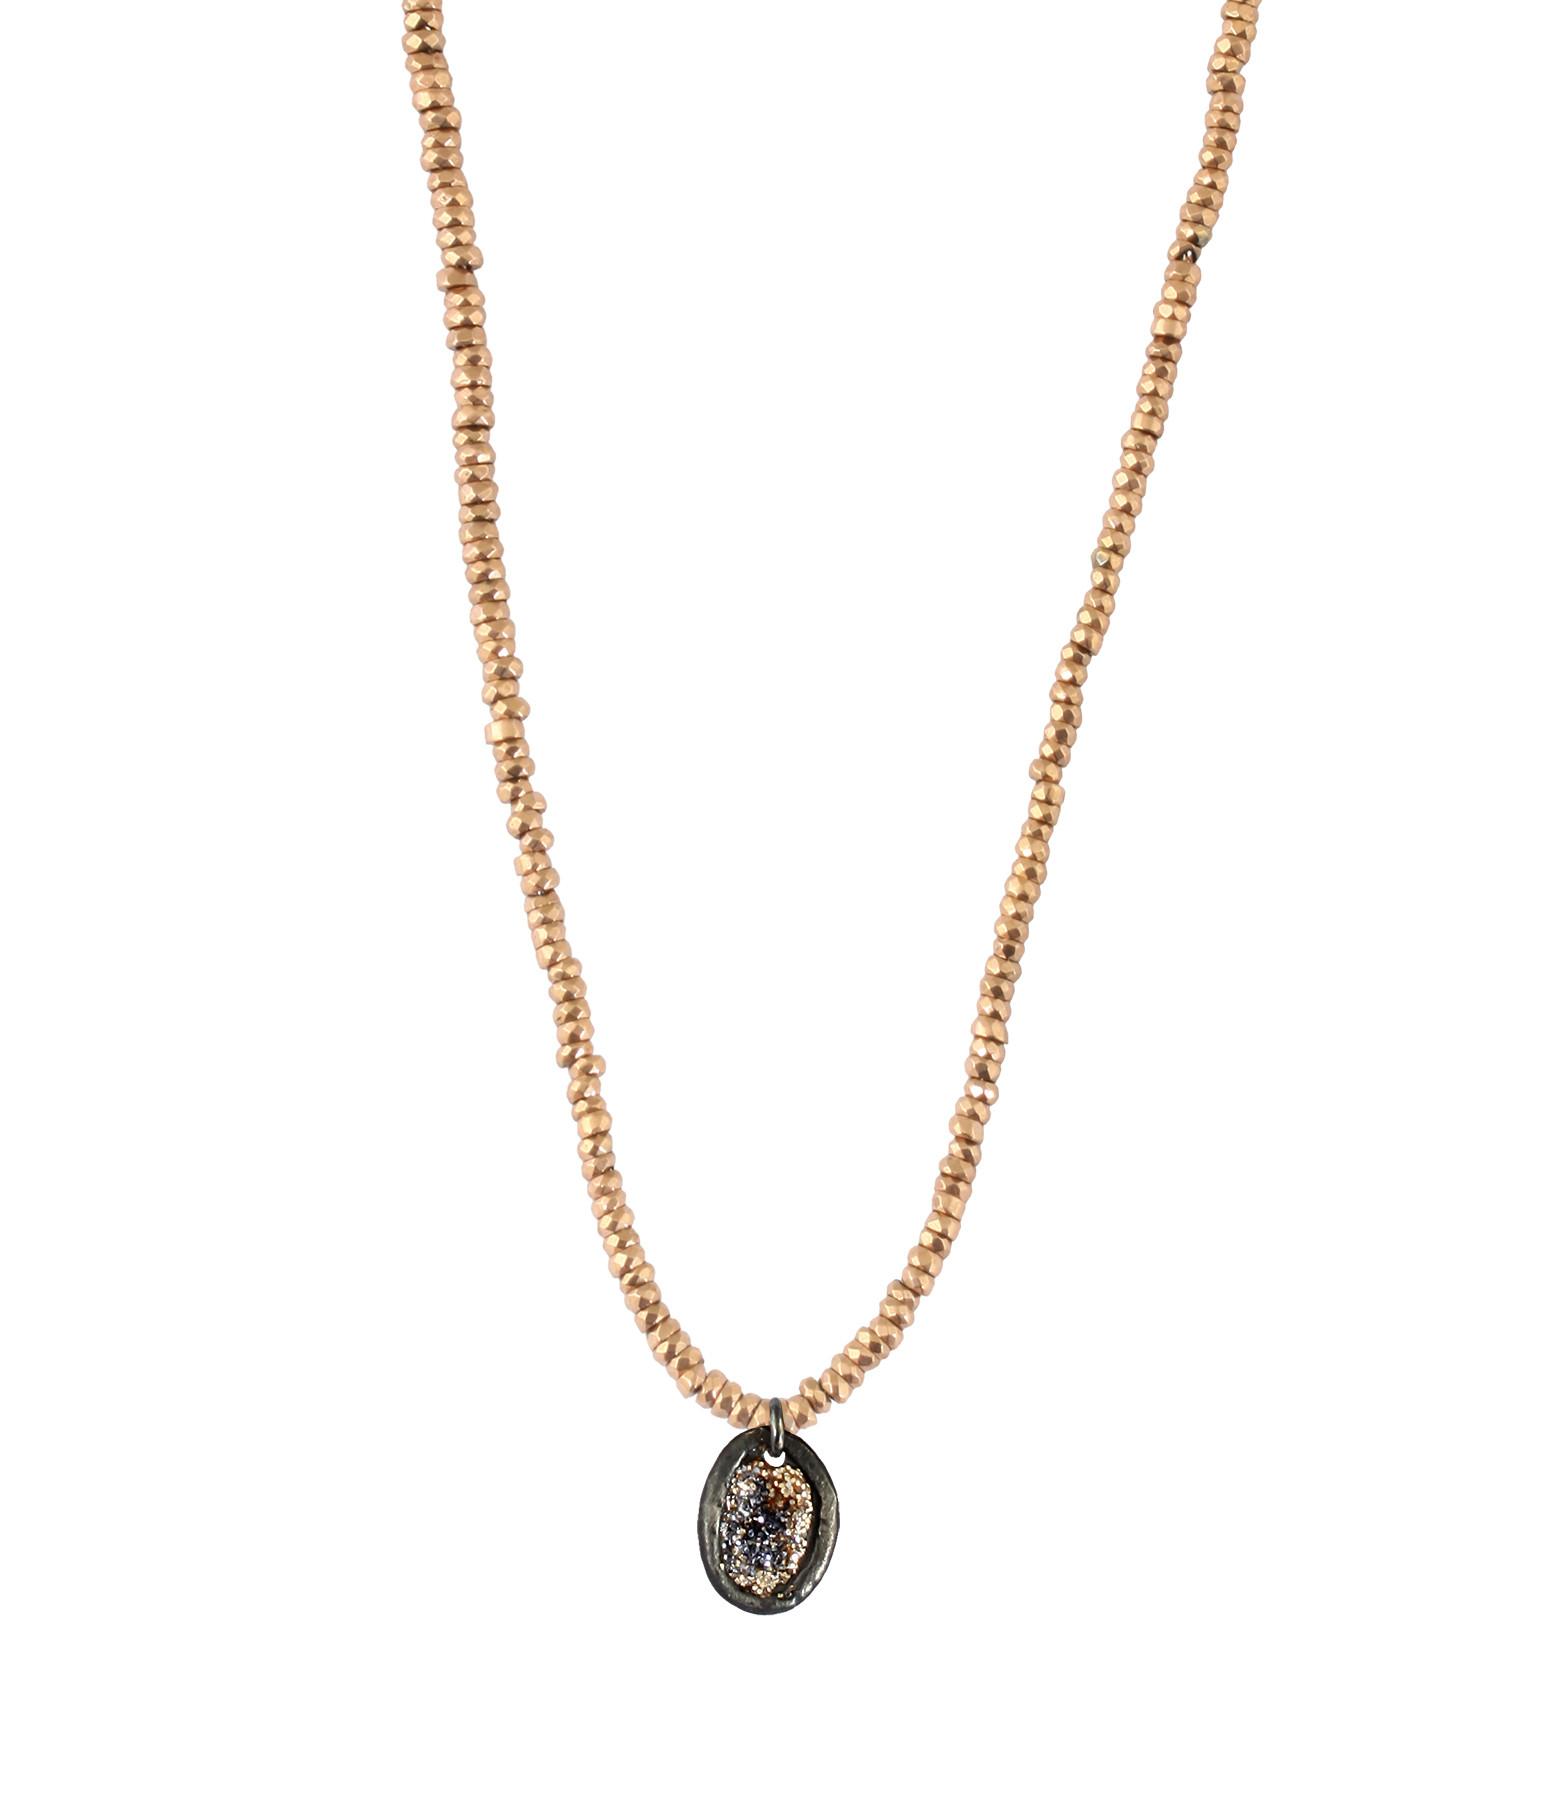 LSONGE - Collier Eclat Médaille XS Argent Noir Hématite Rose